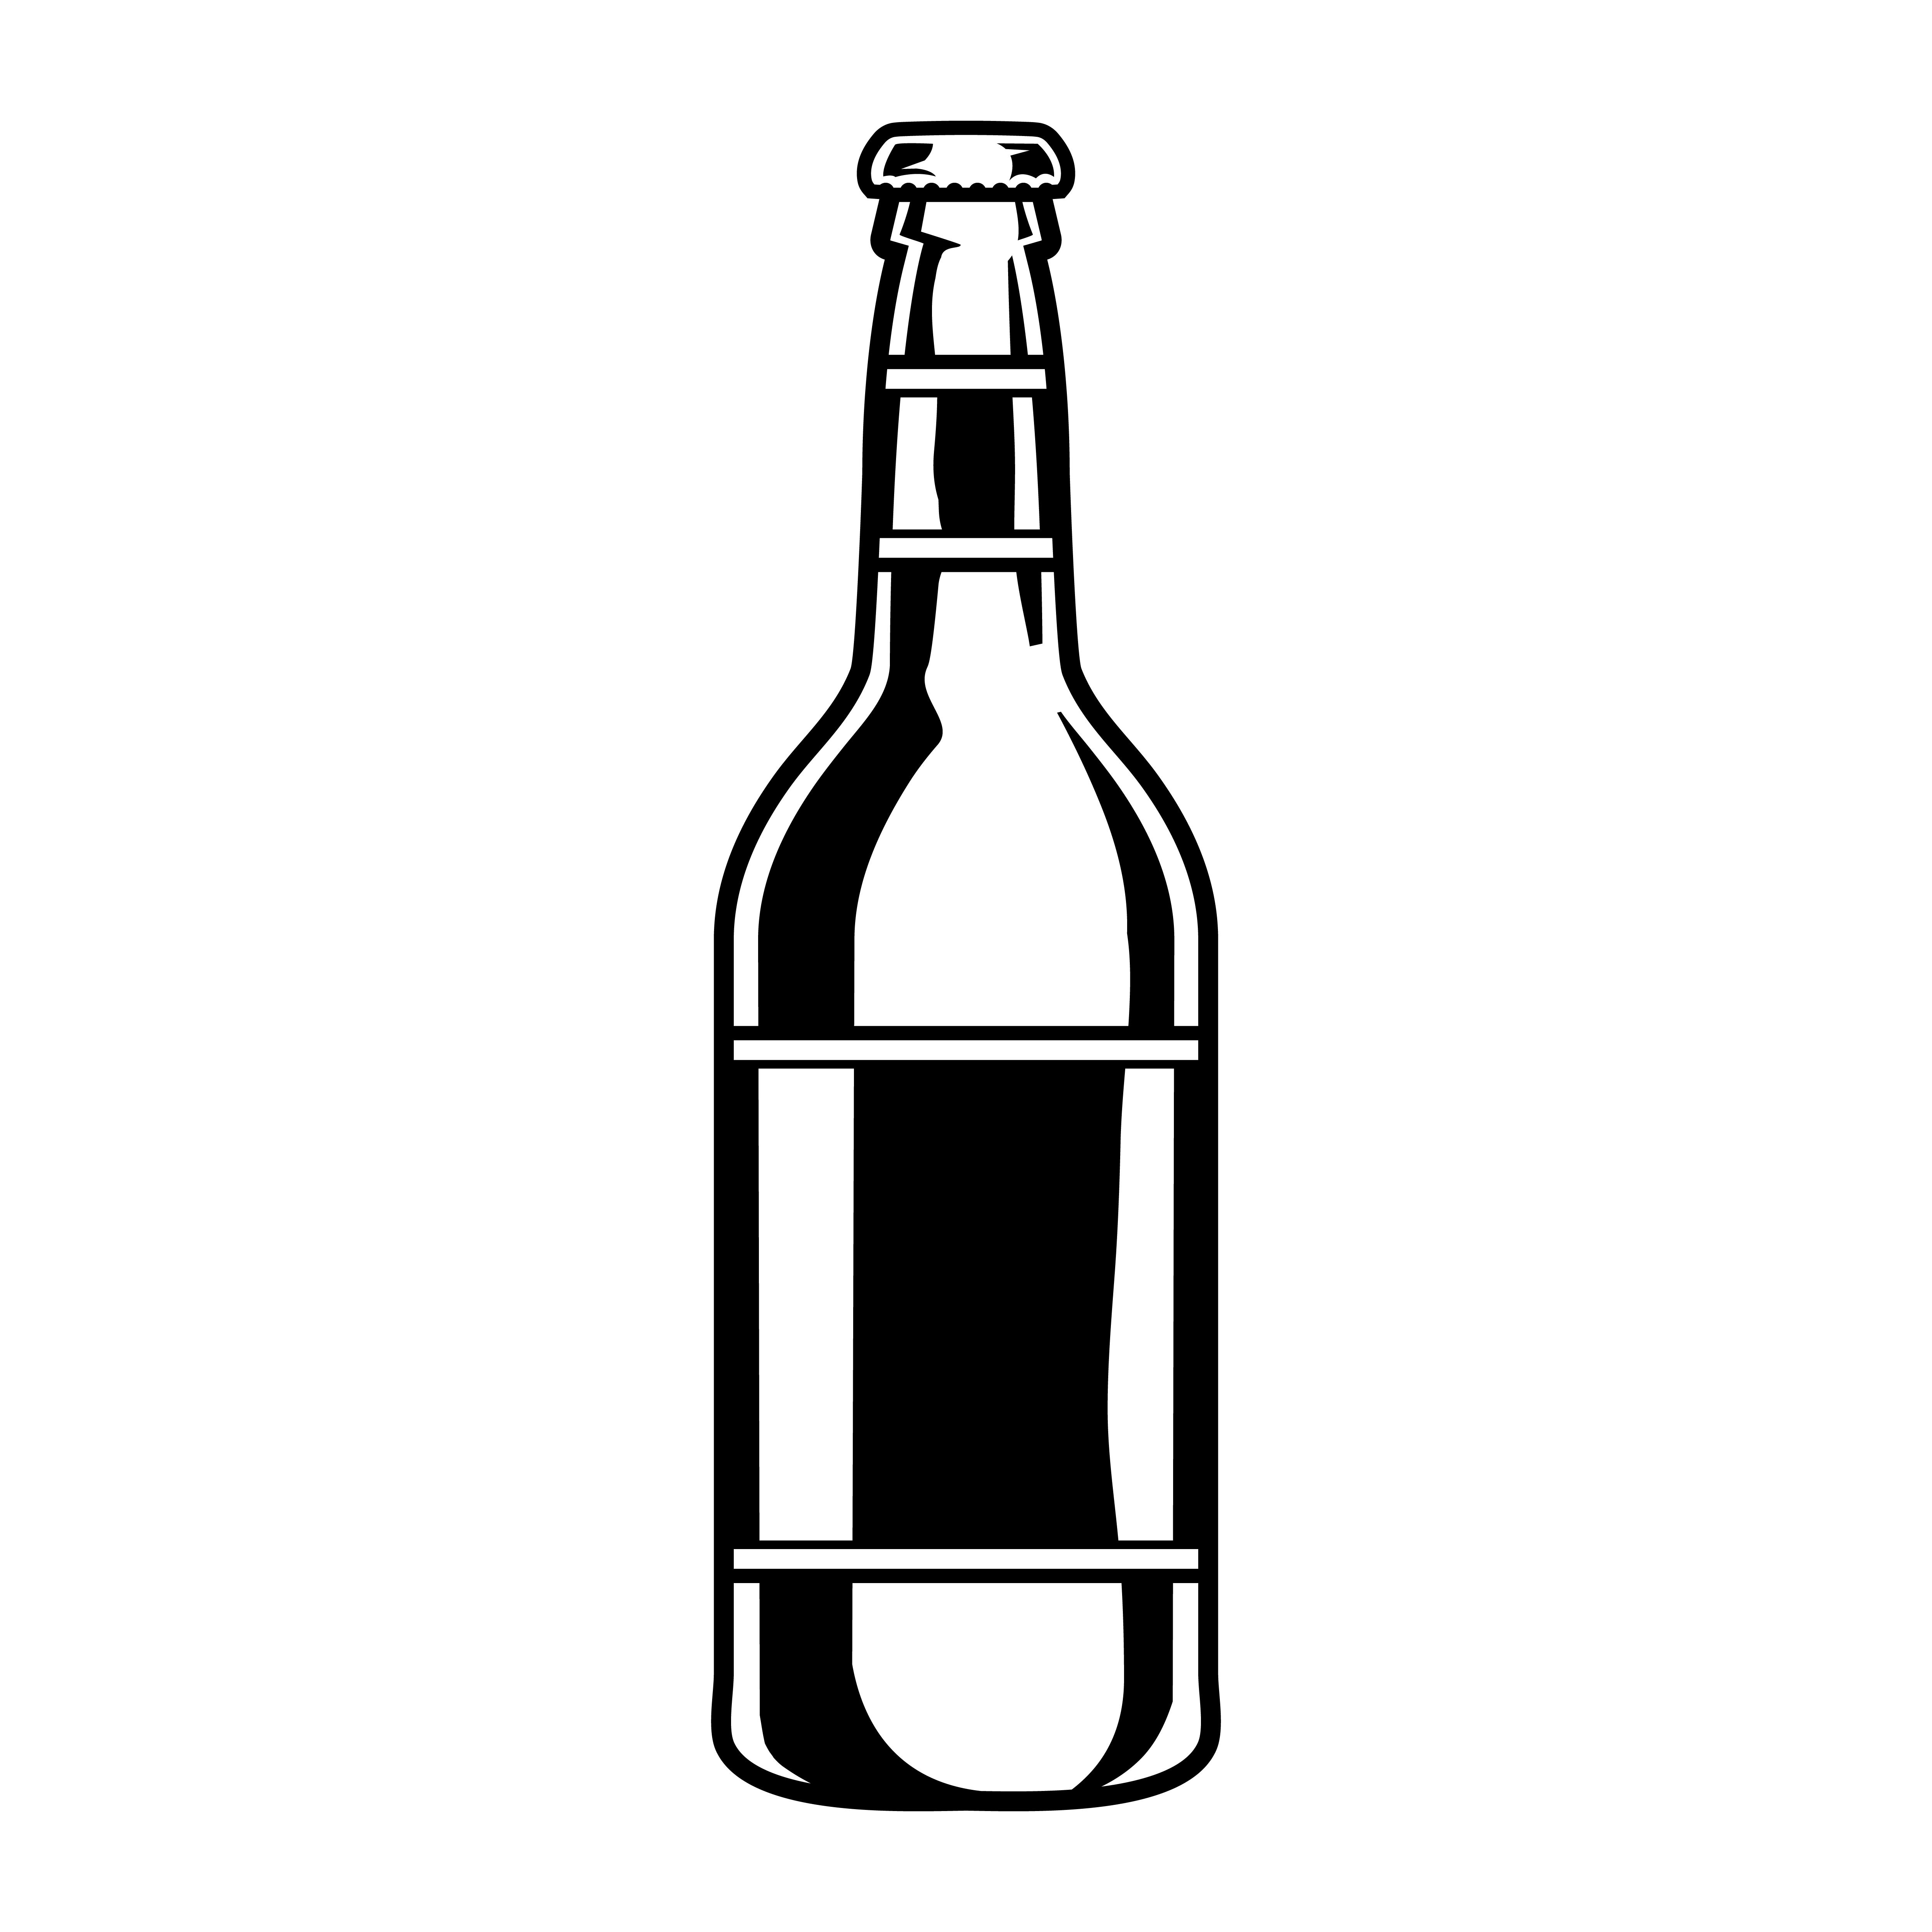 Vector Illustration Of A Beer Bottle